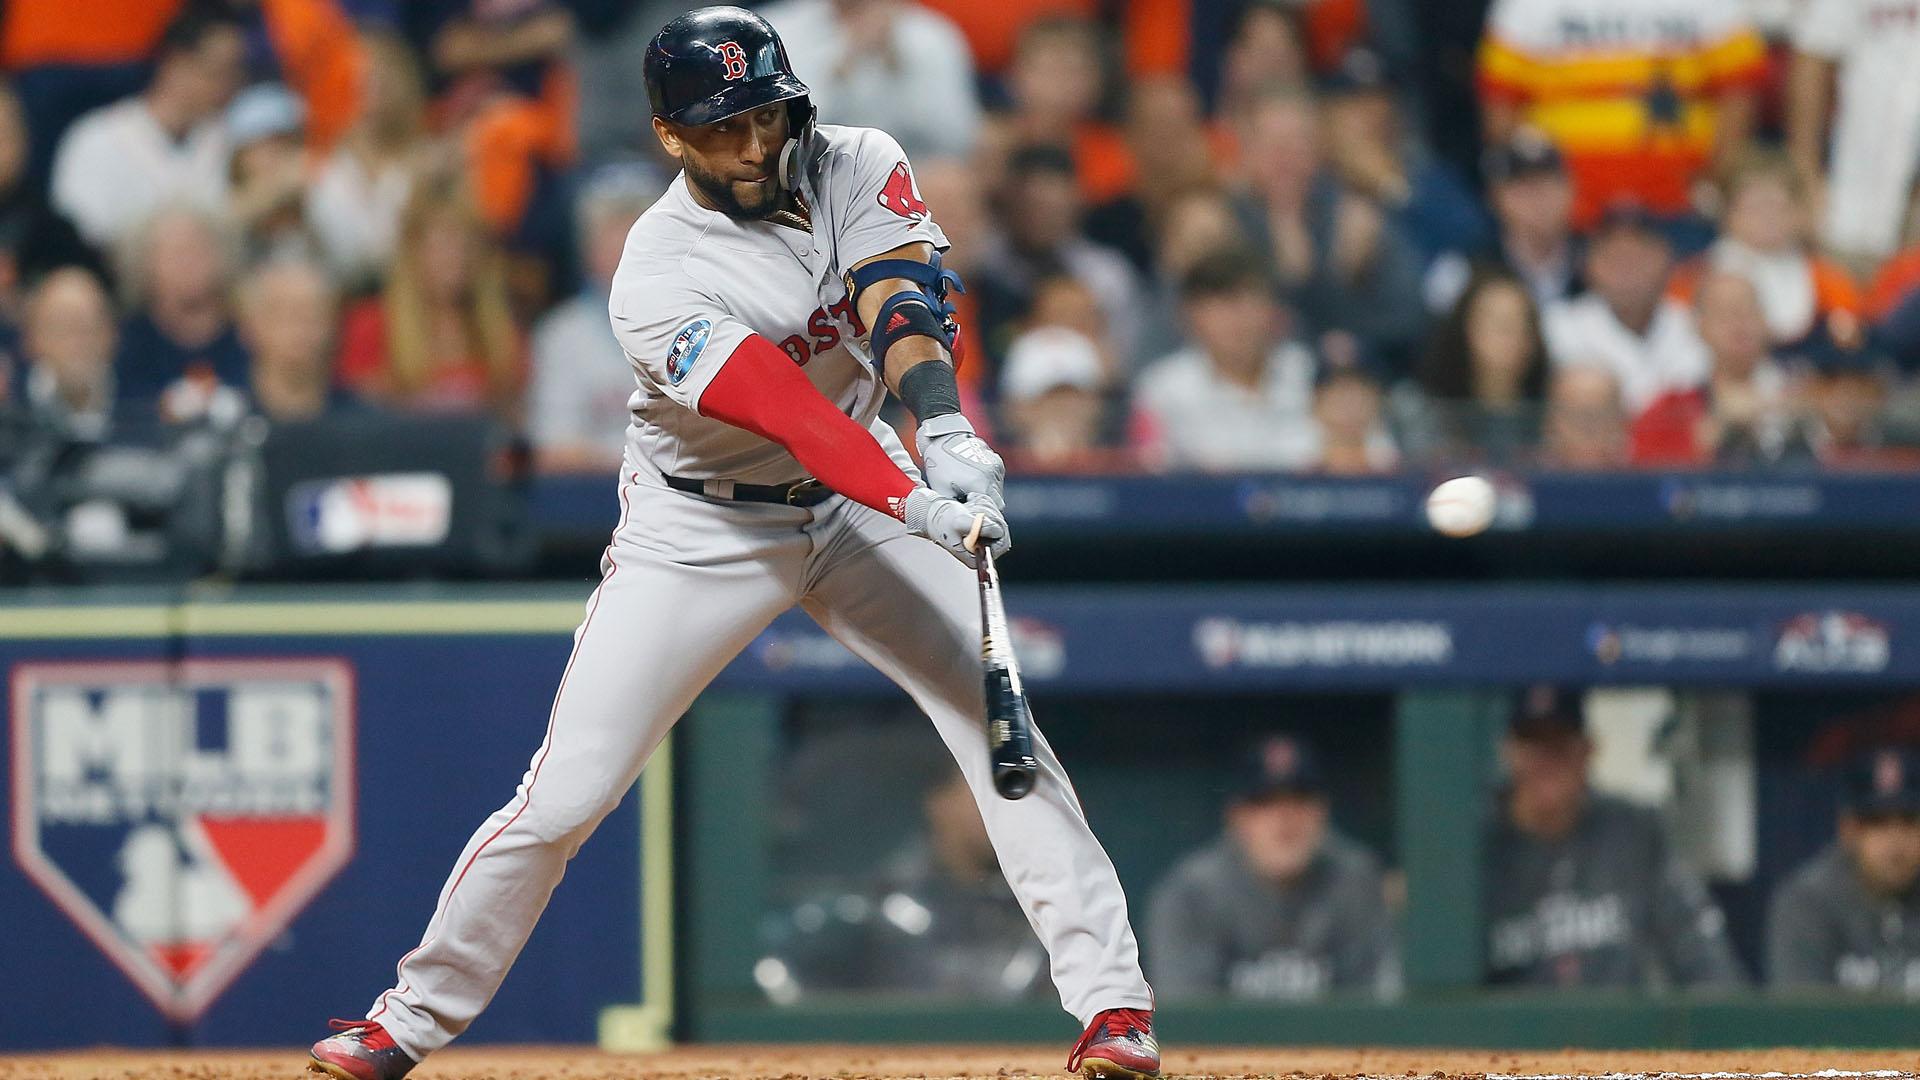 MLB postseason 2018: Red Sox infielder Eduardo Nunez removed for pinch-runner in 4th inning